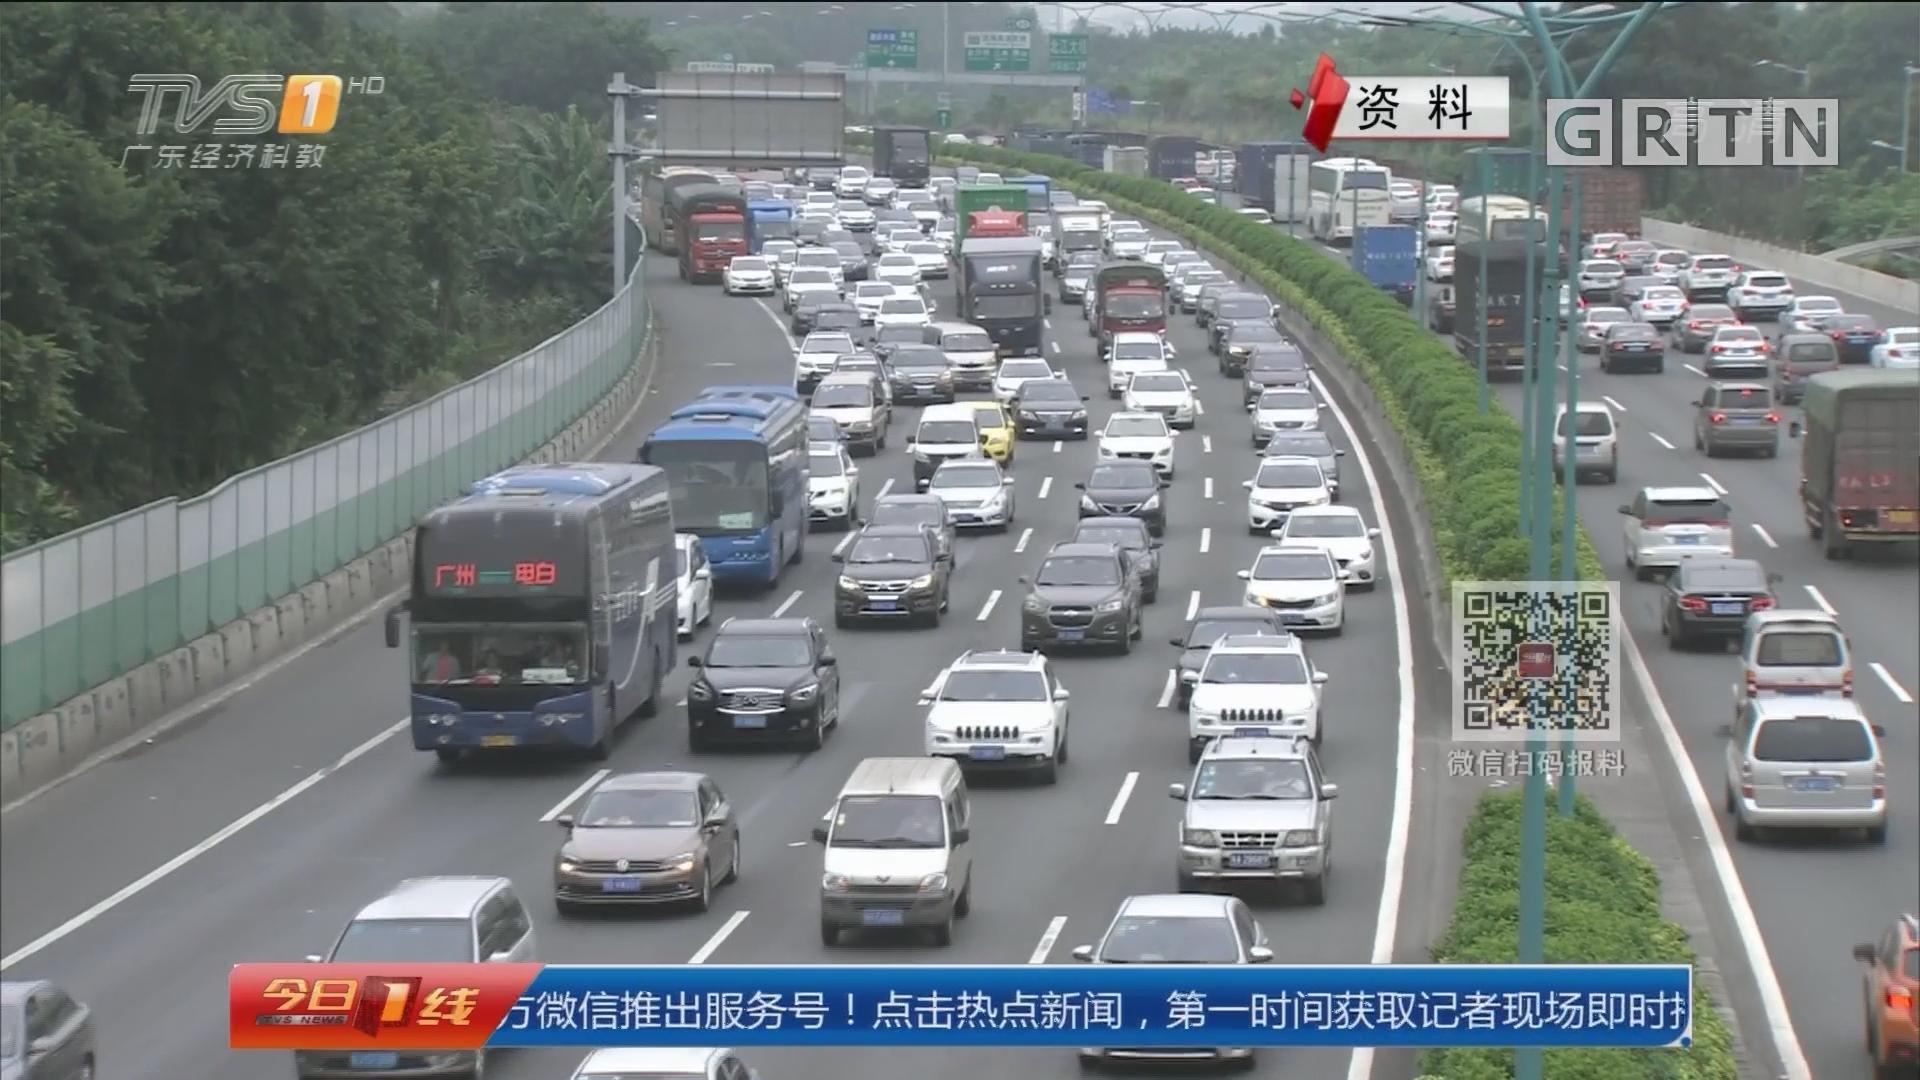 国庆假期交通:前四天持续拥堵 出行提早规划